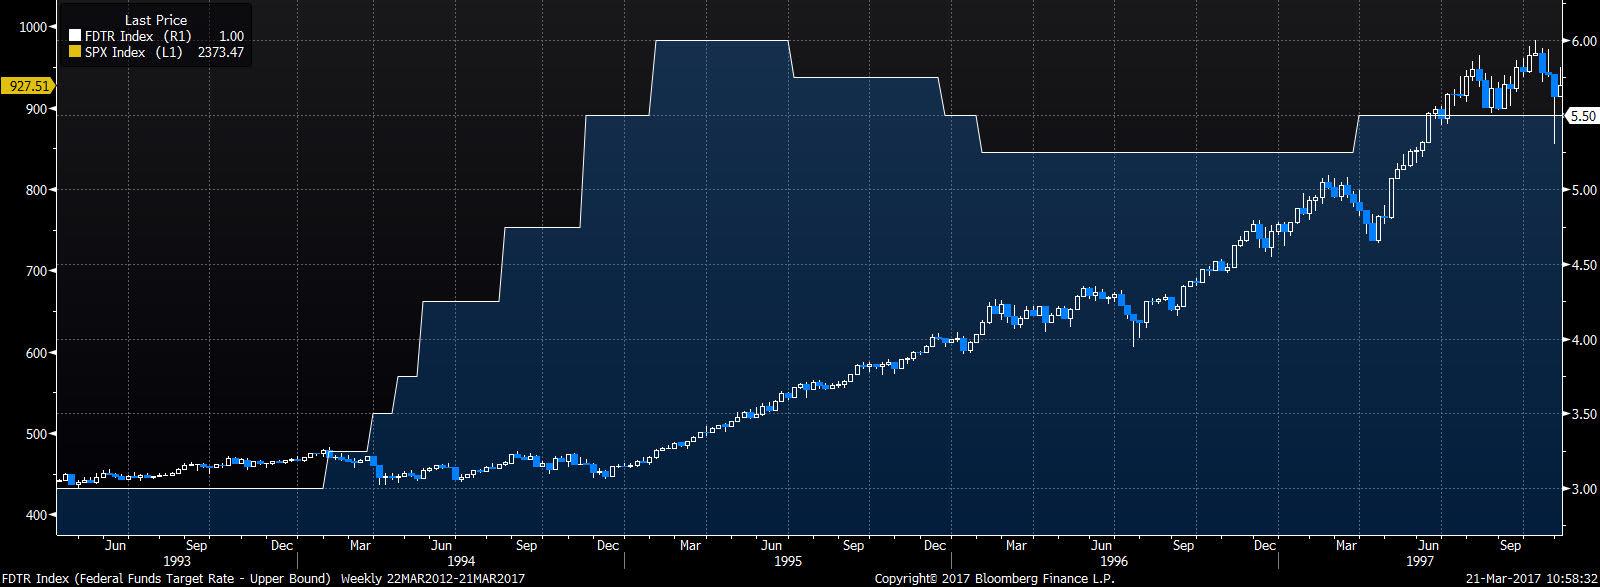 Zacieśnianie monetarne 1994-1995